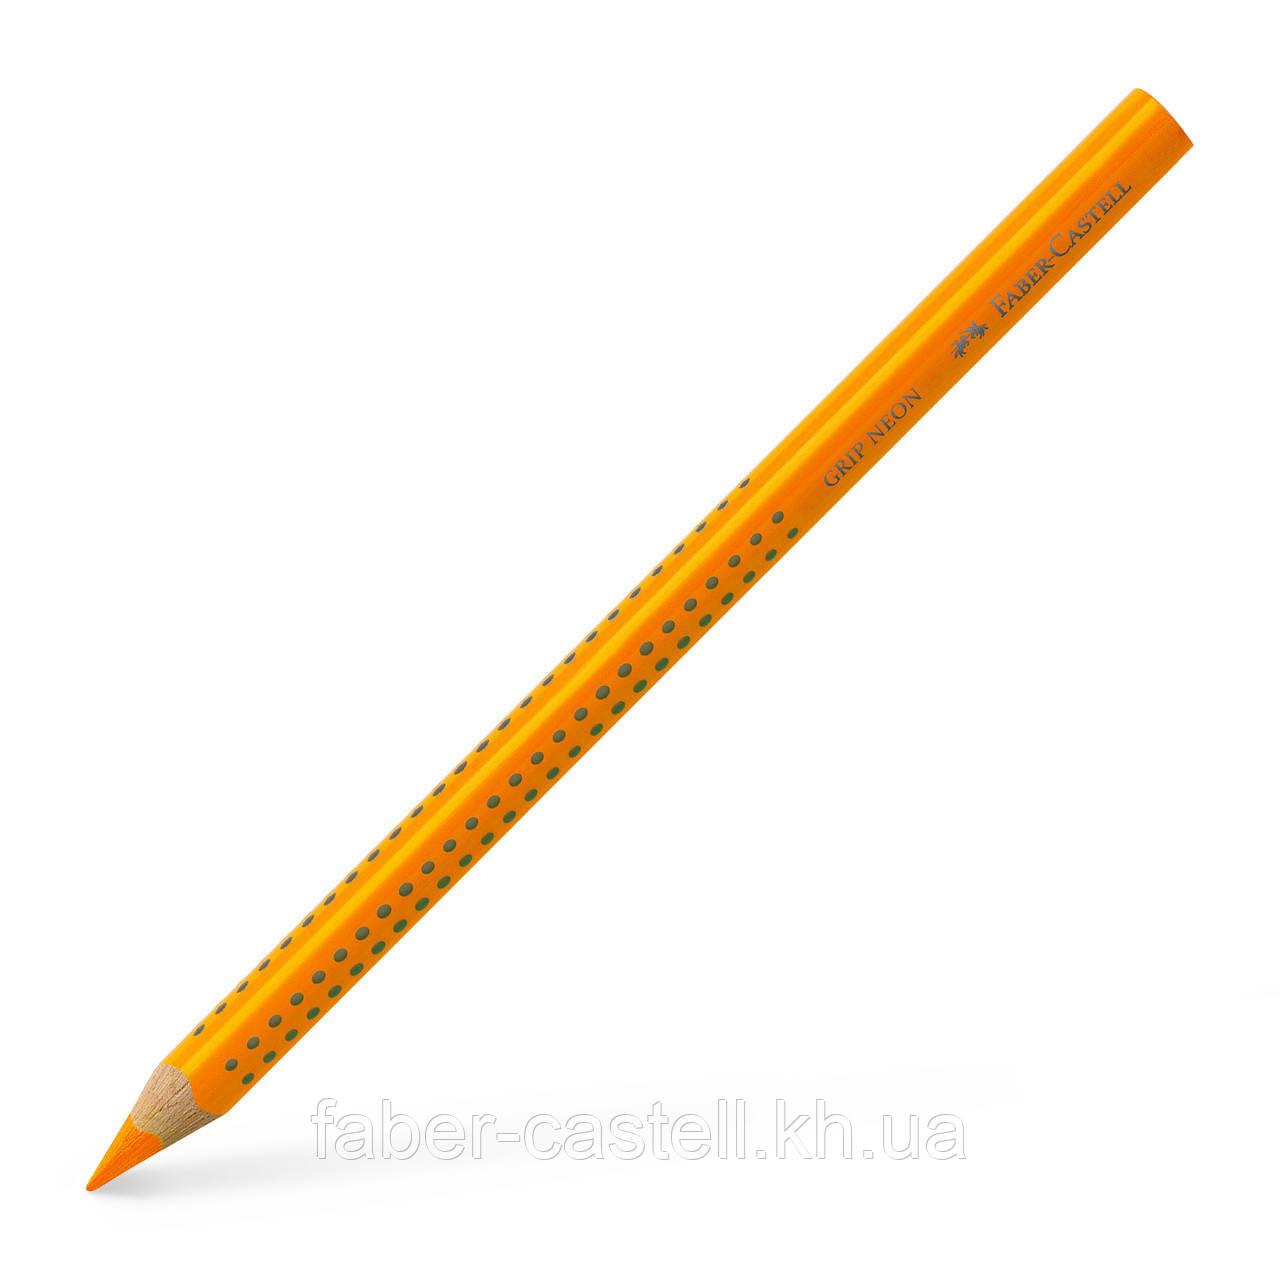 Маркер-карандаш текстовыделитель Faber-Castell Jumbo Grip Neon оранжевый, сухой трехгранный, 114815